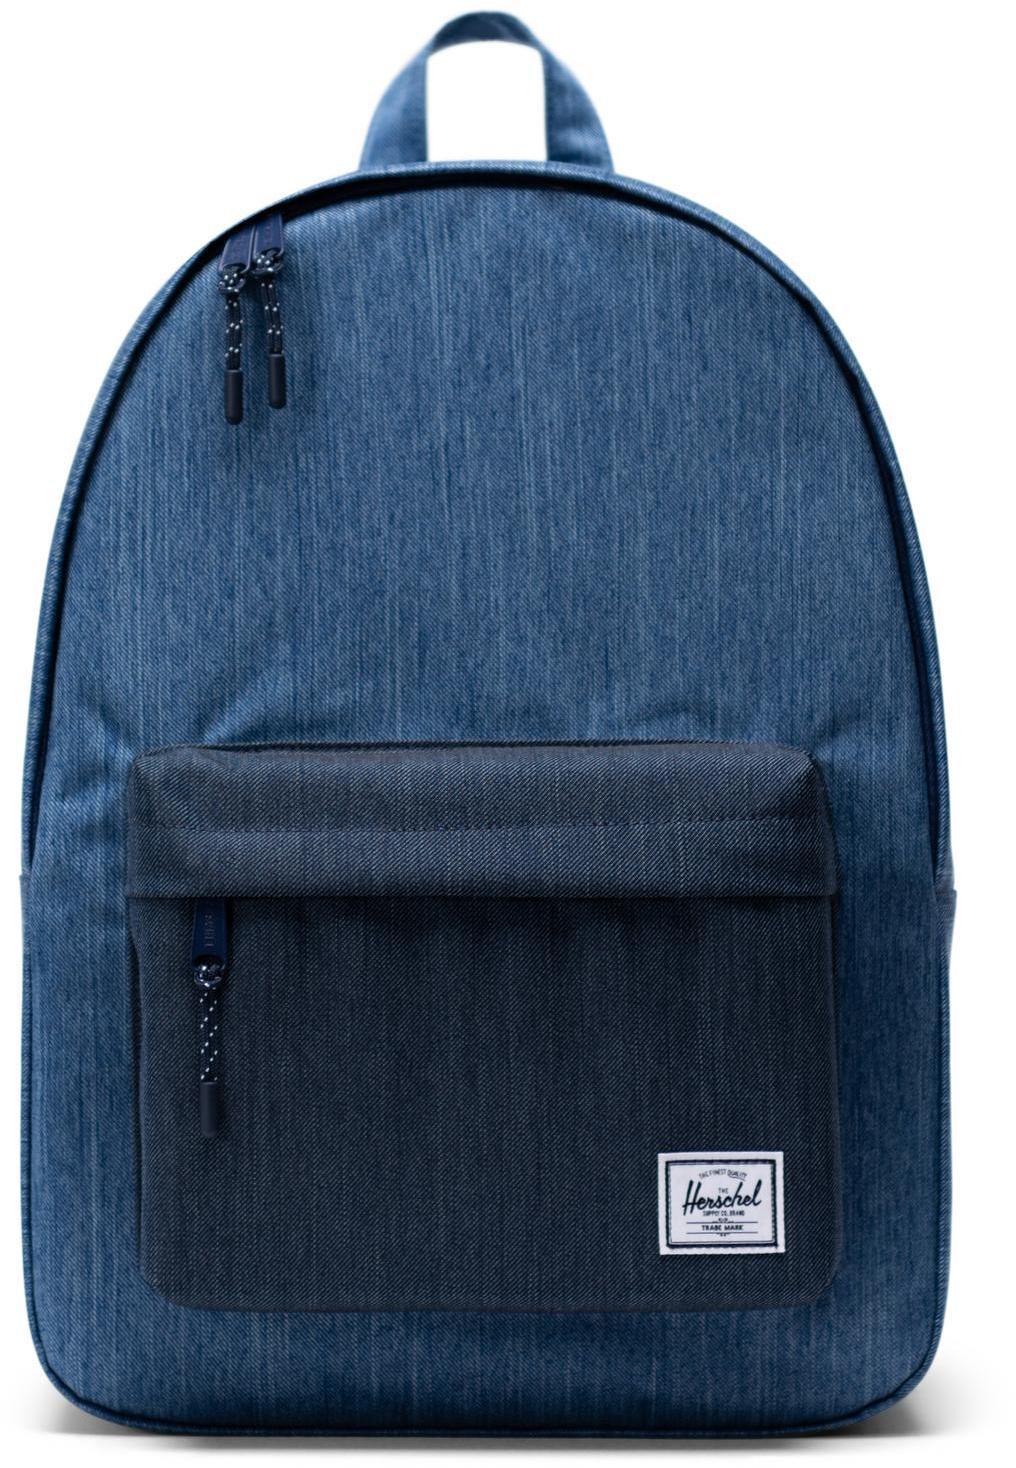 Herschel Classic Backpack 24L, faded denim/indigo denim (2019)   Rygsæk og rejsetasker